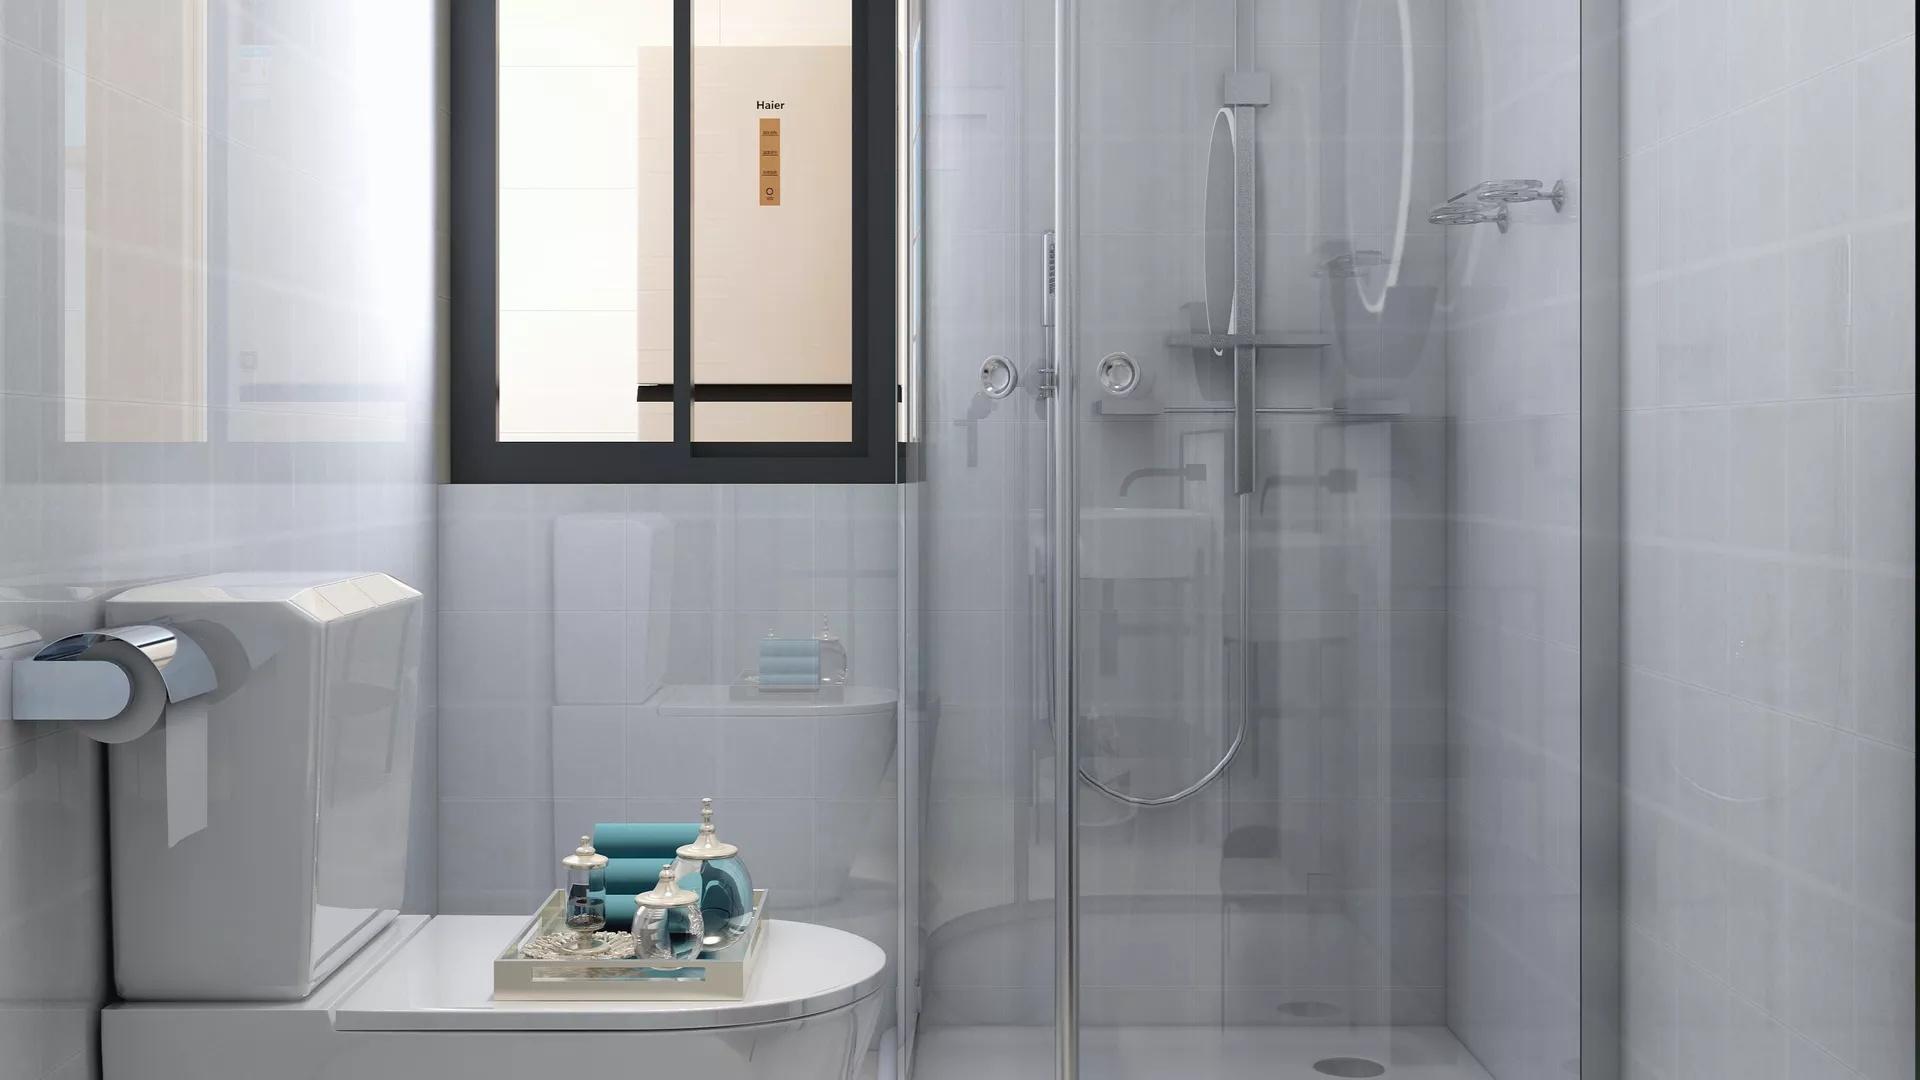 卫生间地漏安装标准具体有哪些?